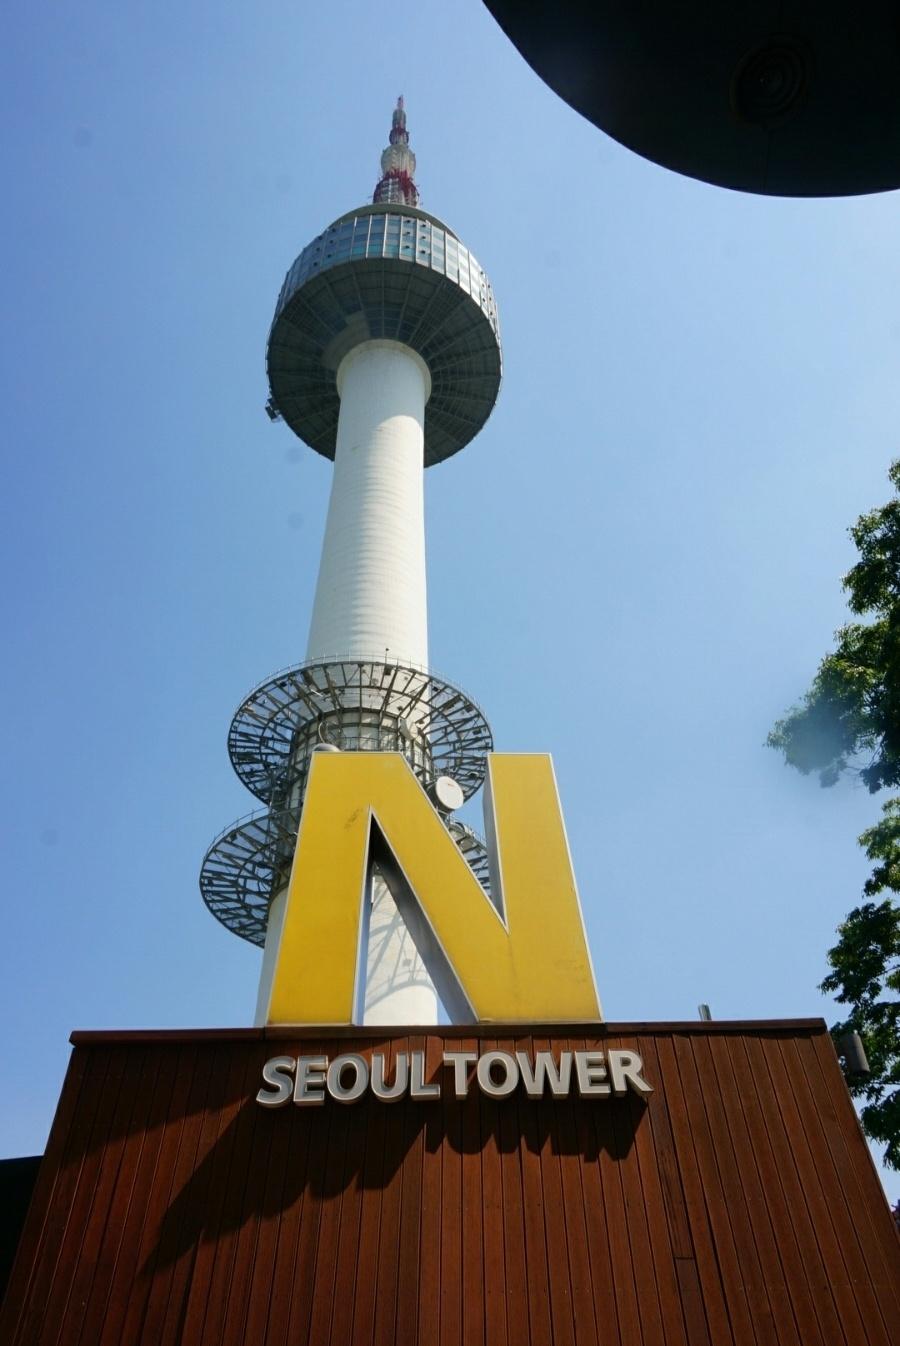 Gía vé cáp treo lên tháp truyền hình N Seoul Tower Namsan có đắt không